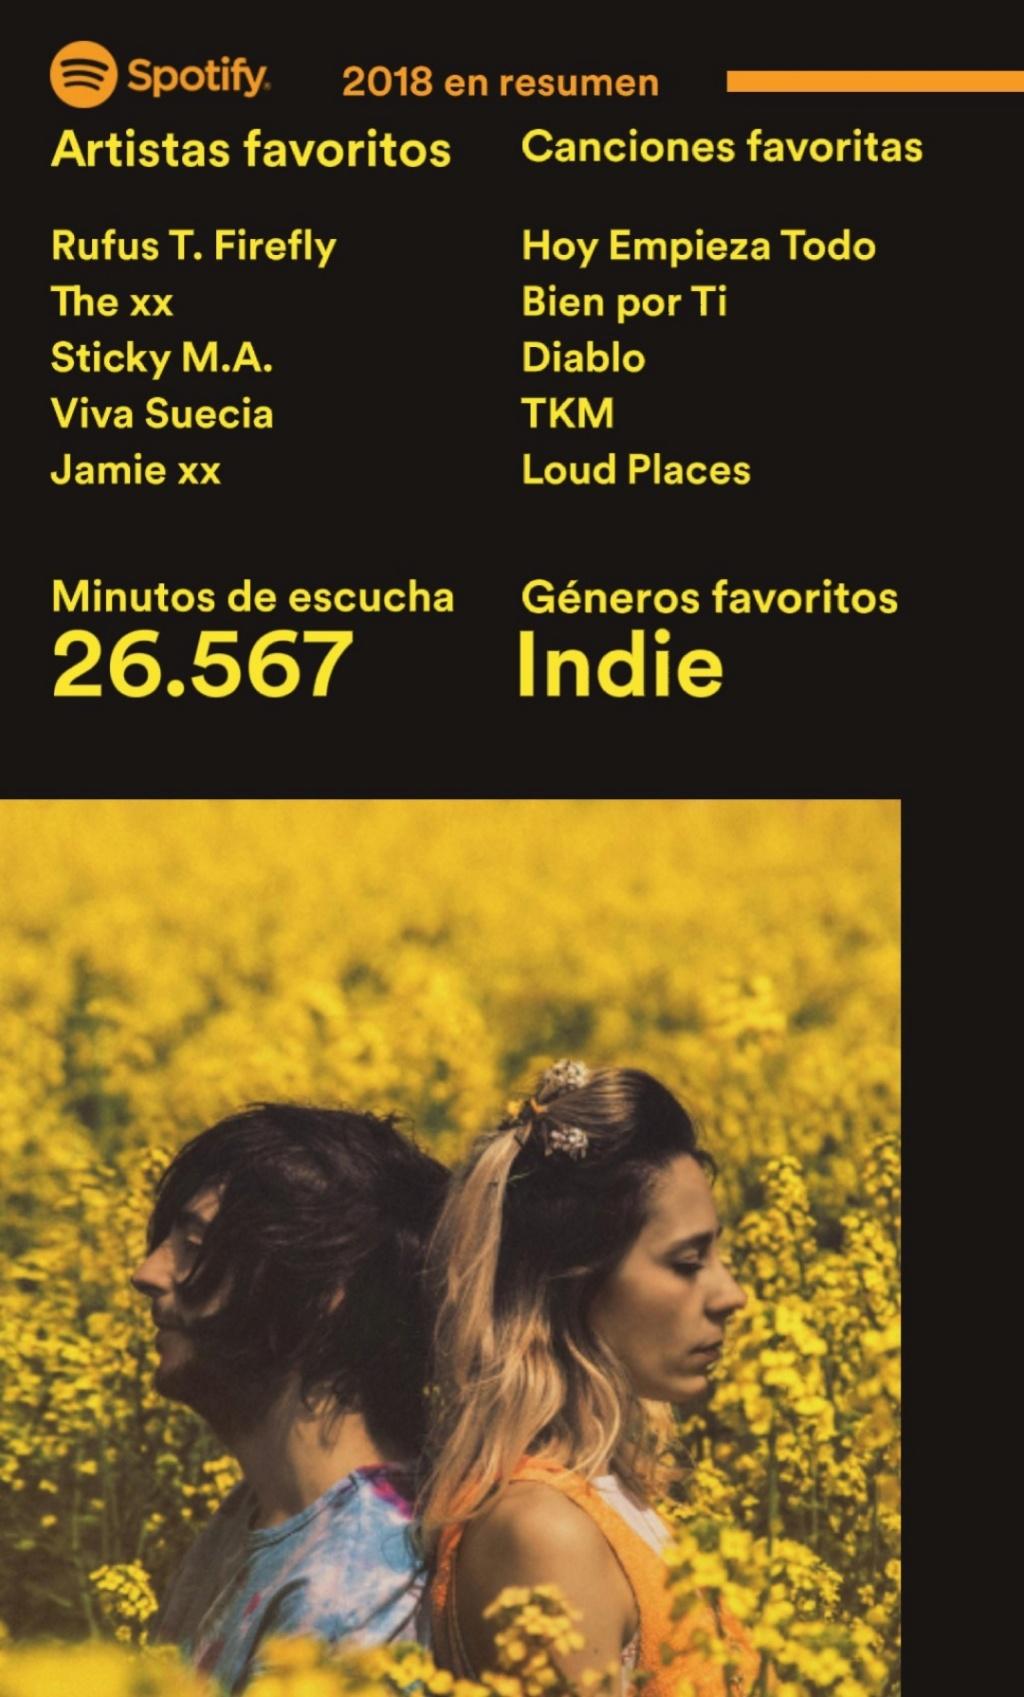 Tu resumen anual en Spotify - ¿Te atreves a compartirlo con el foro? Img_2012